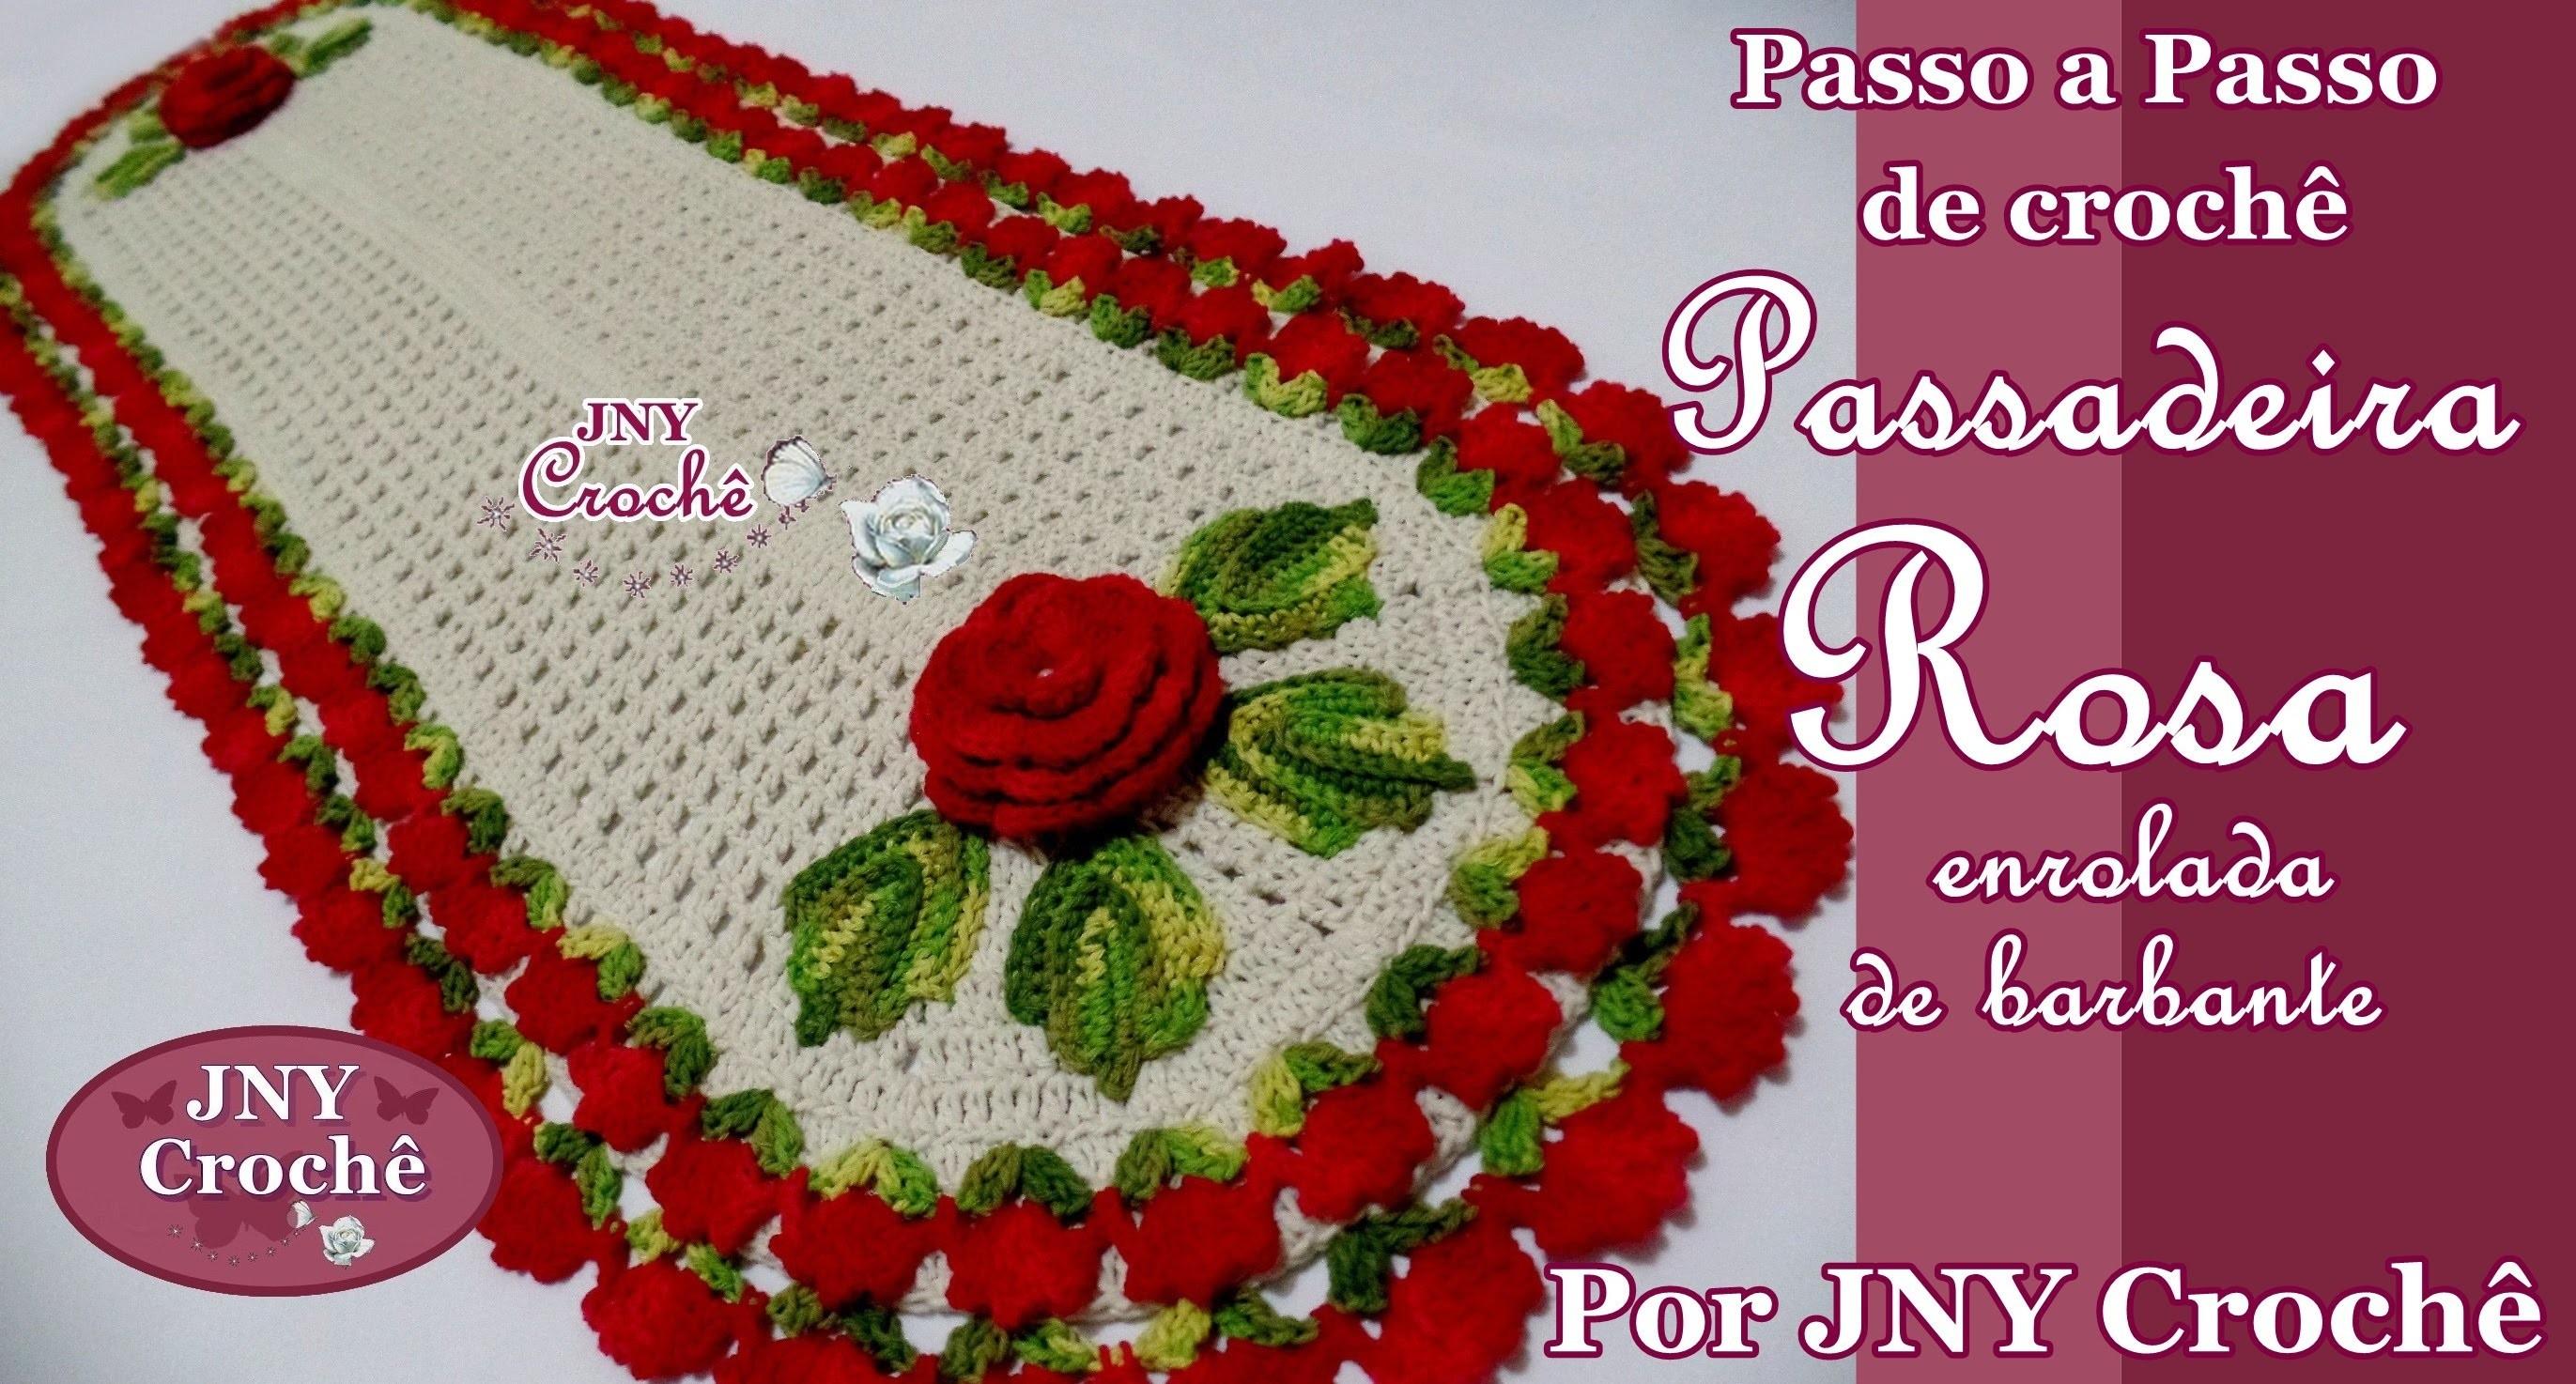 PAP de crochê Passadeira Rosa enrolada de barbante por JNY Crochê